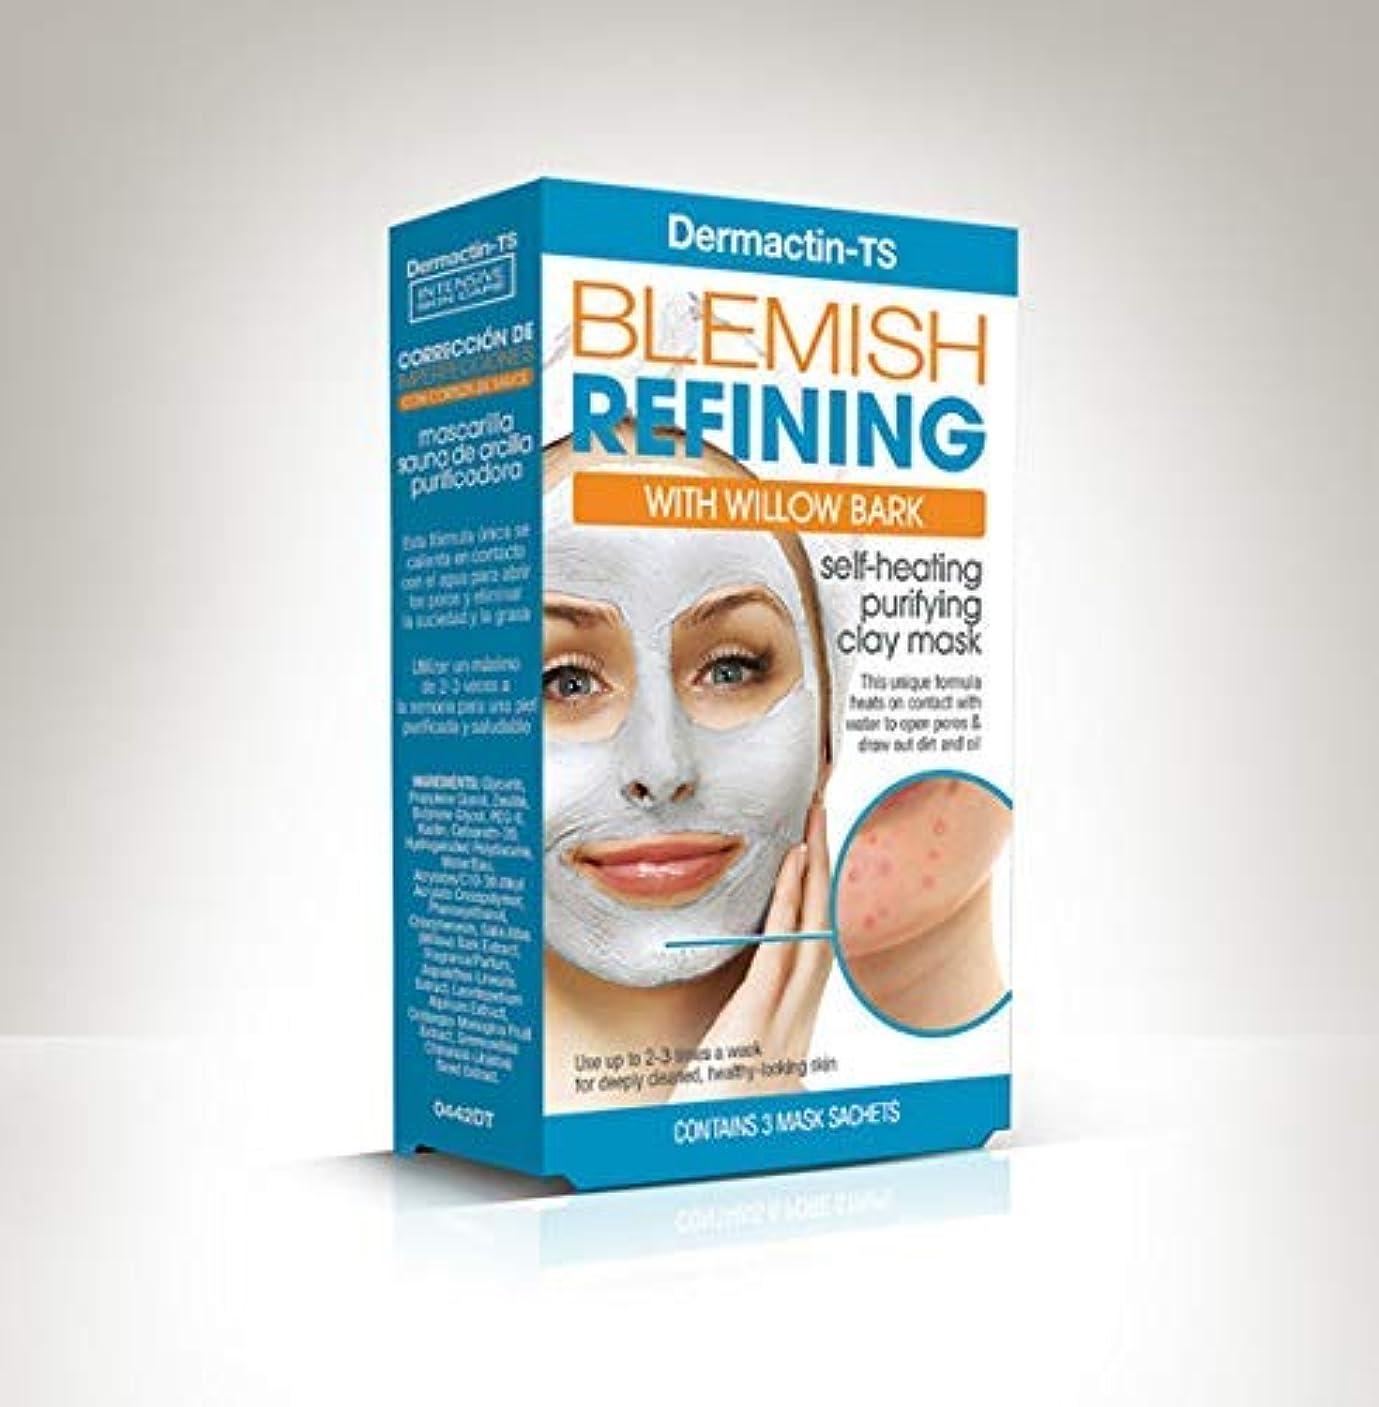 不安定な遠近法貪欲Dermactin-TS ブレミッシュコントロール自己発熱マスク (並行輸入品)